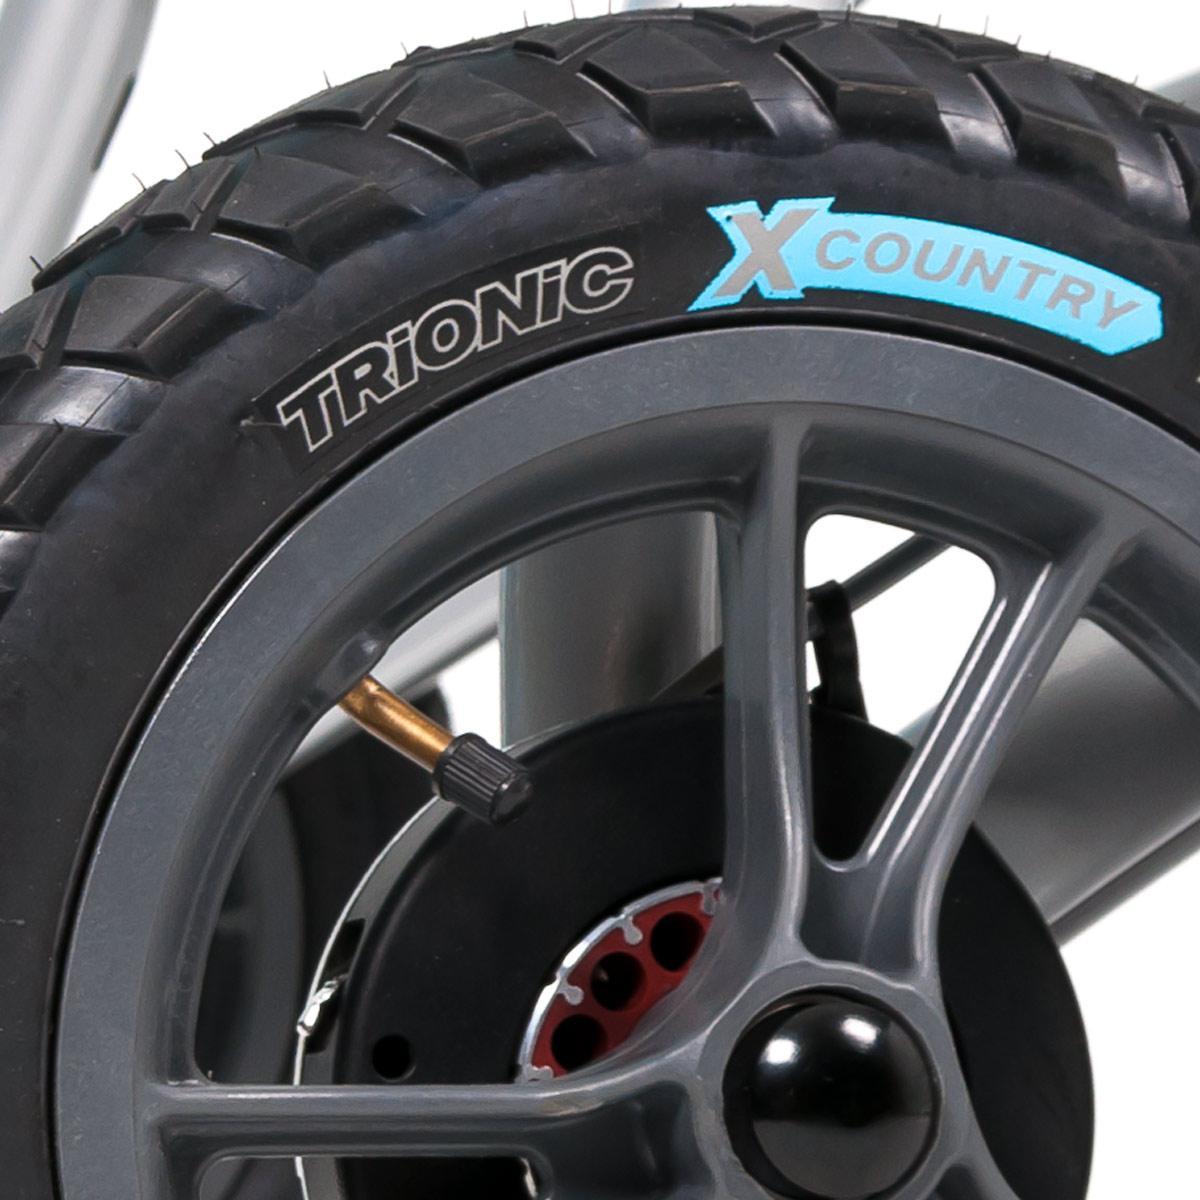 Neumáticos Trionic X-Country